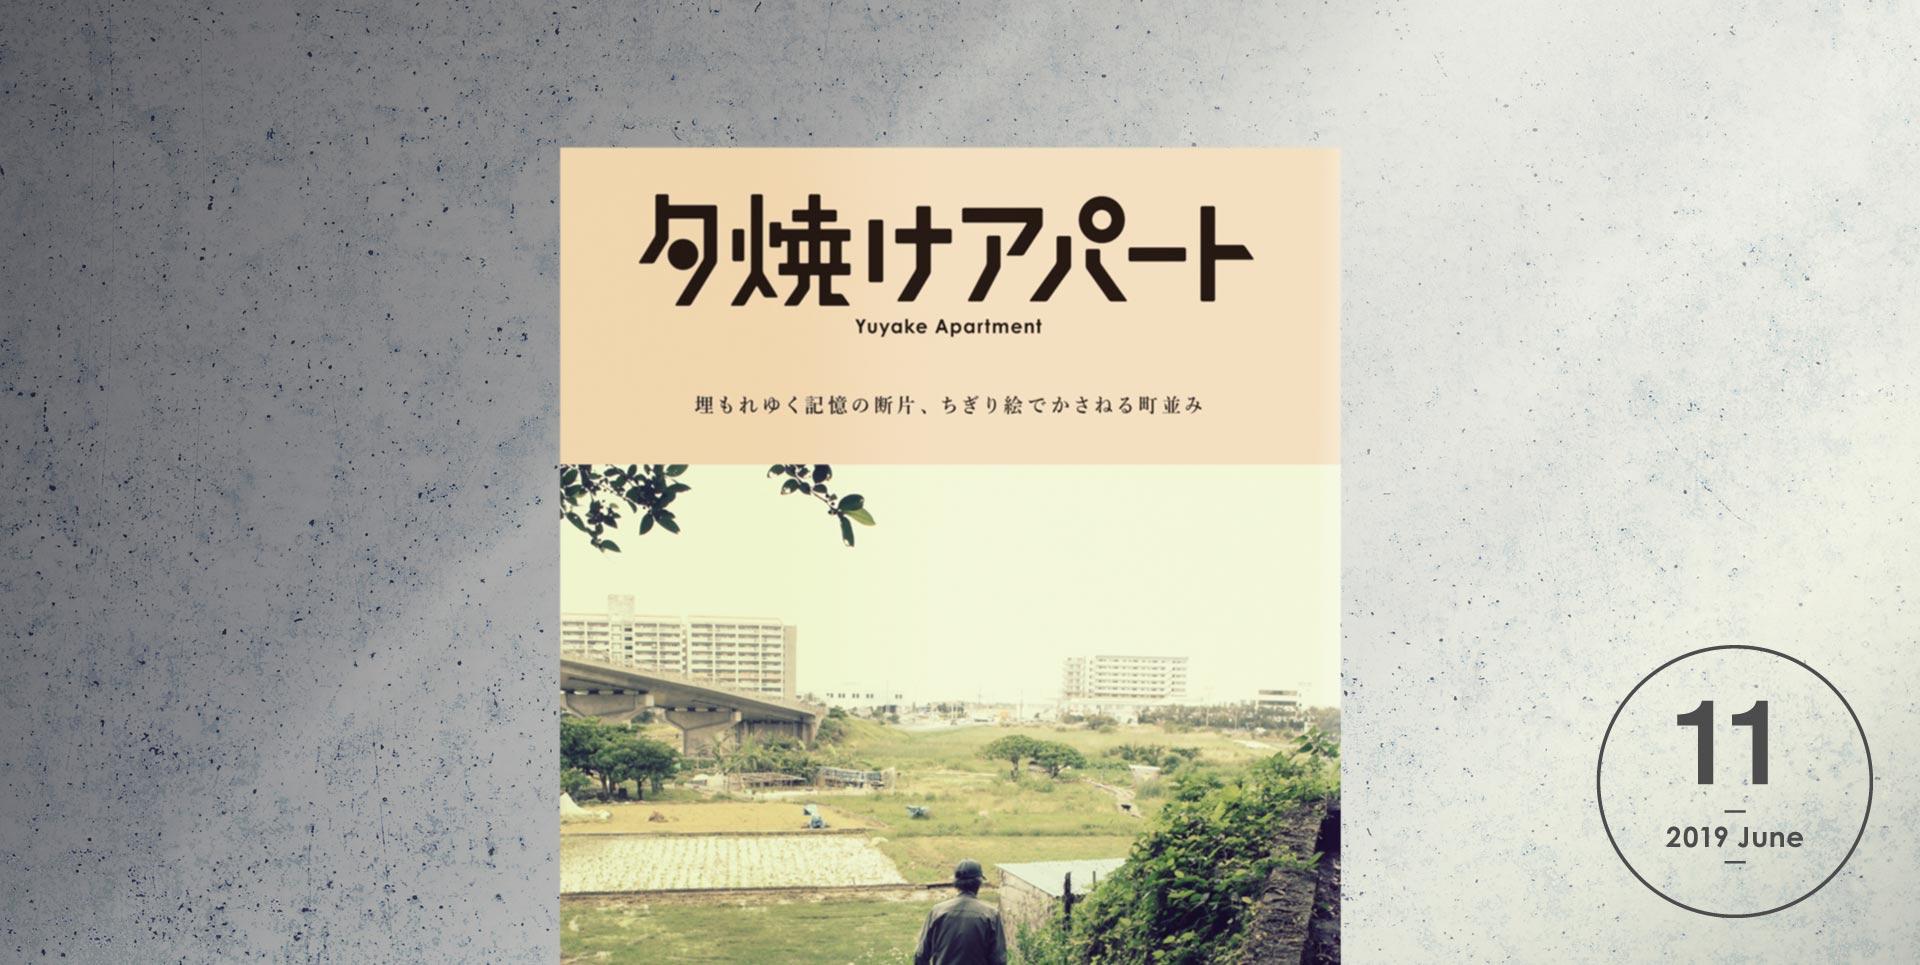 夕焼けアパート 2019年6月 vol.11